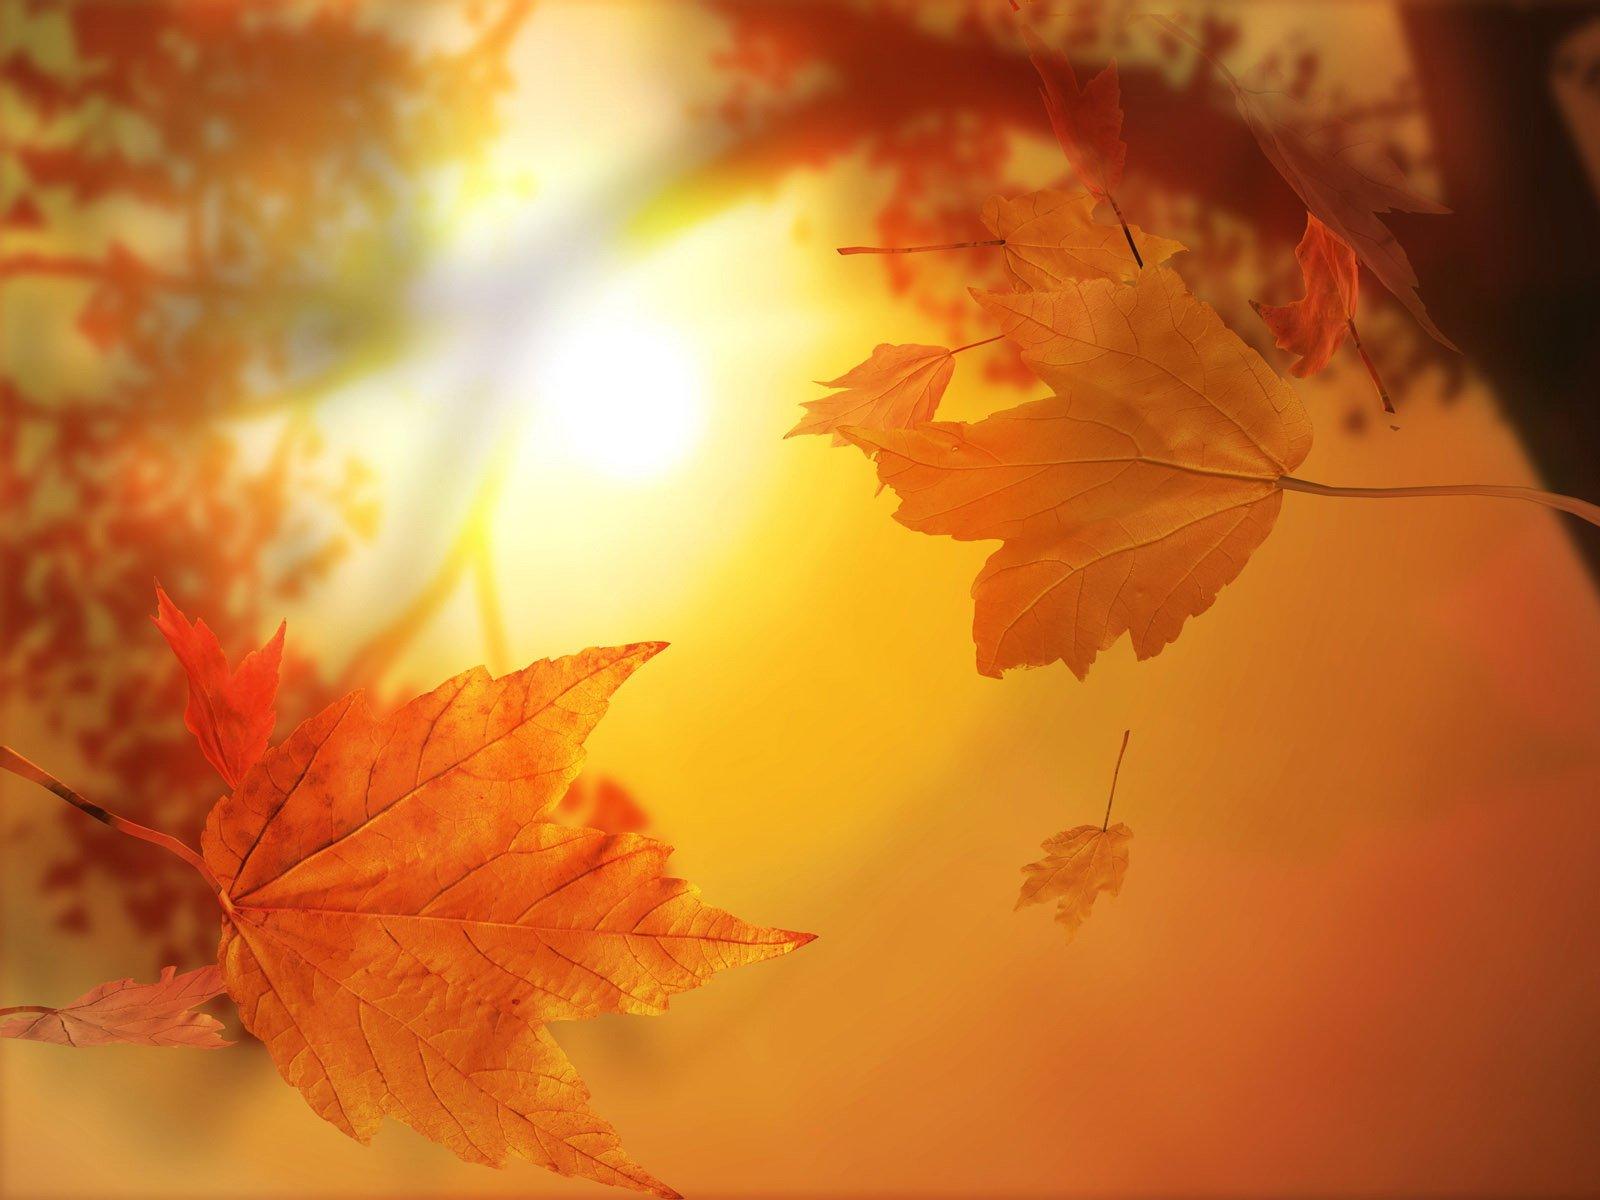 http://1.bp.blogspot.com/_o77OFVEKtzY/TKbkchs-API/AAAAAAAAAN0/J7h1DFqtW2E/s1600/fall+leaves.jpg